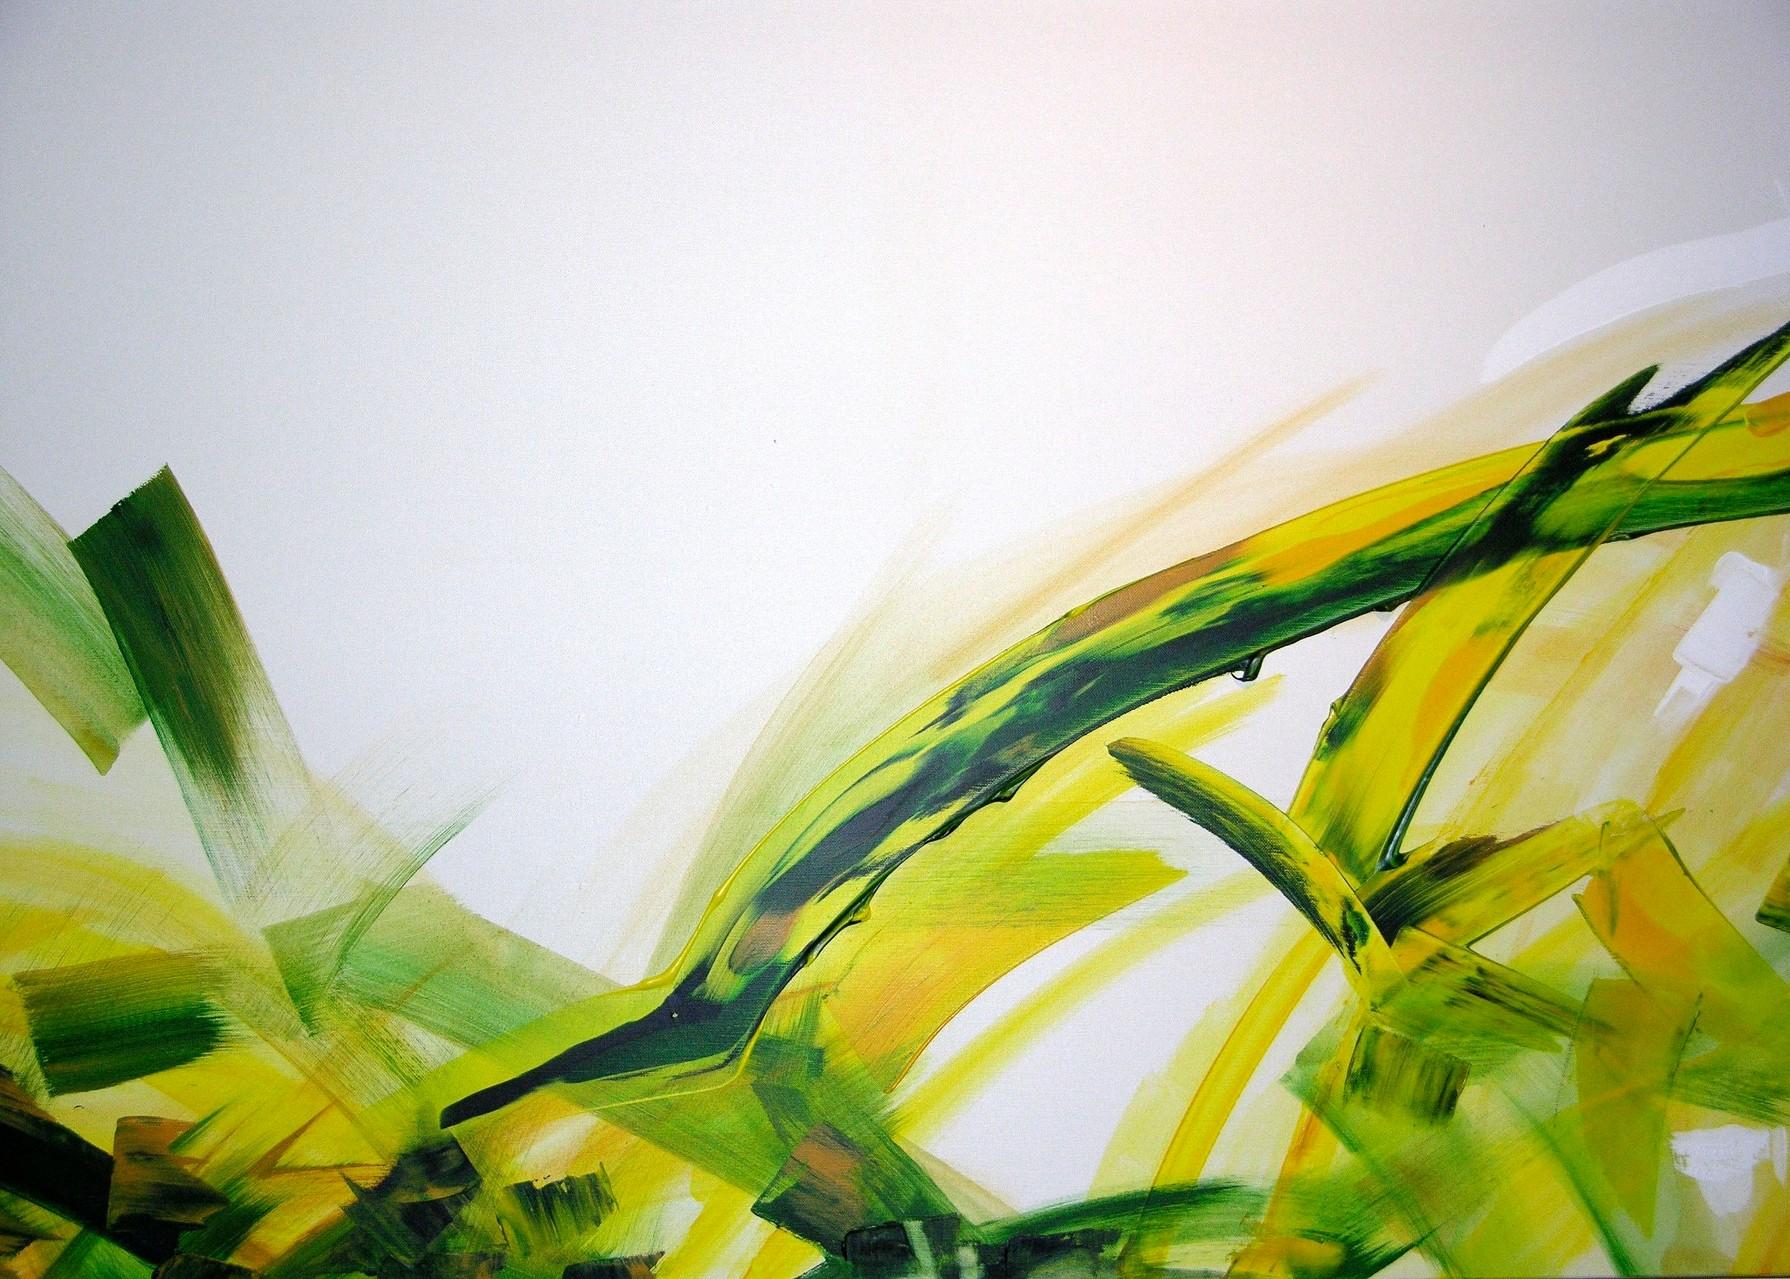 Frühling, Öl auf Leinwand, 100 x 80 cm